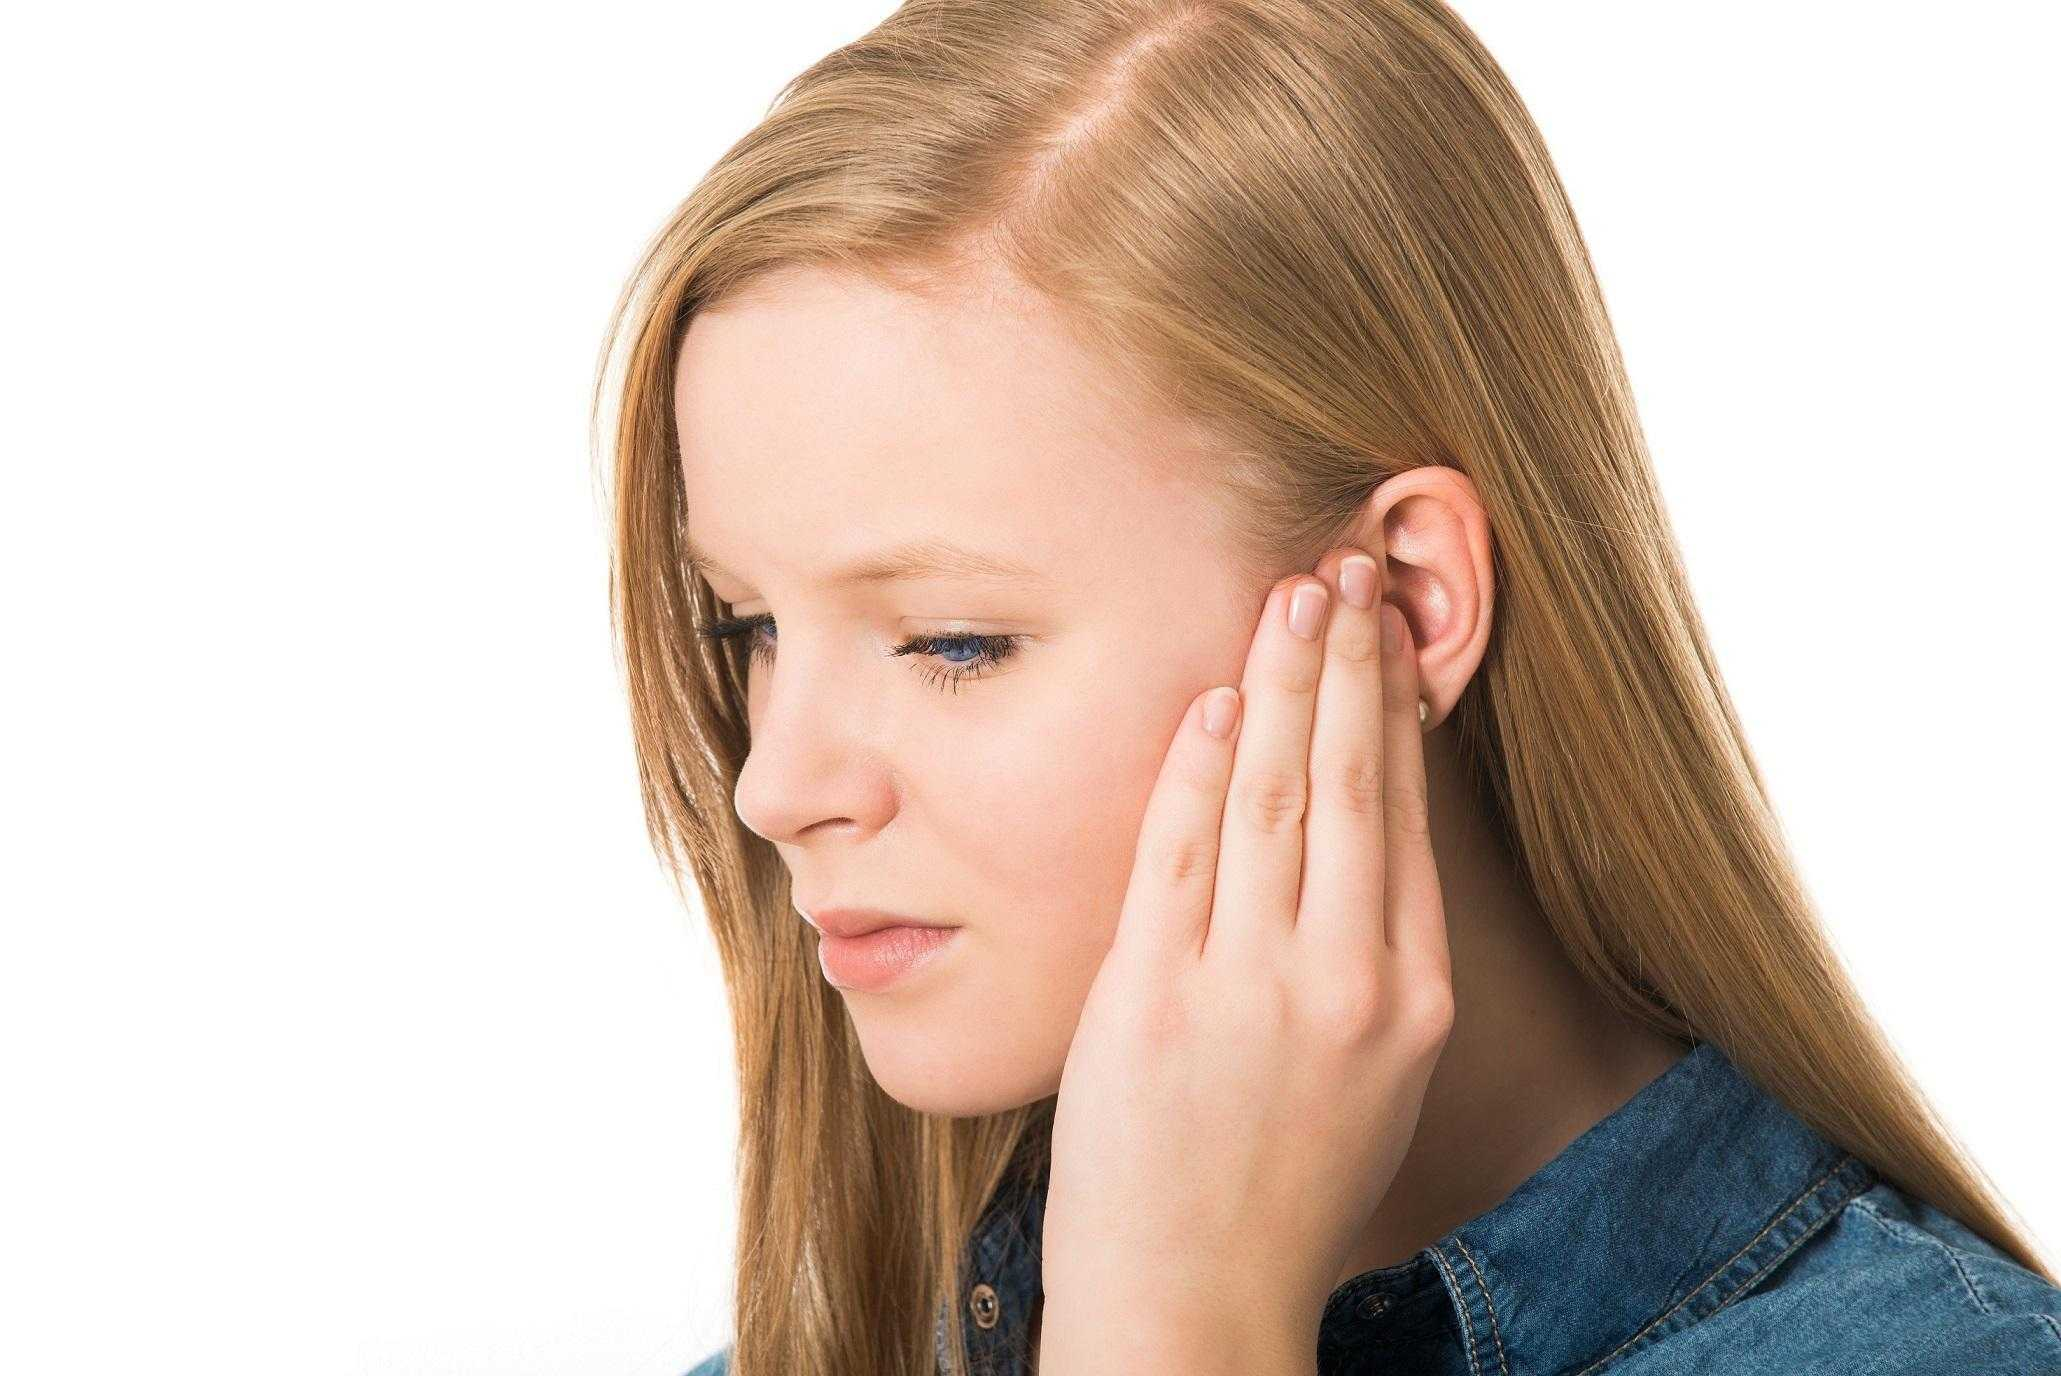 Çocuklarda ve Yetişkinlerde Kulak Enfeksiyonu Belirtileri